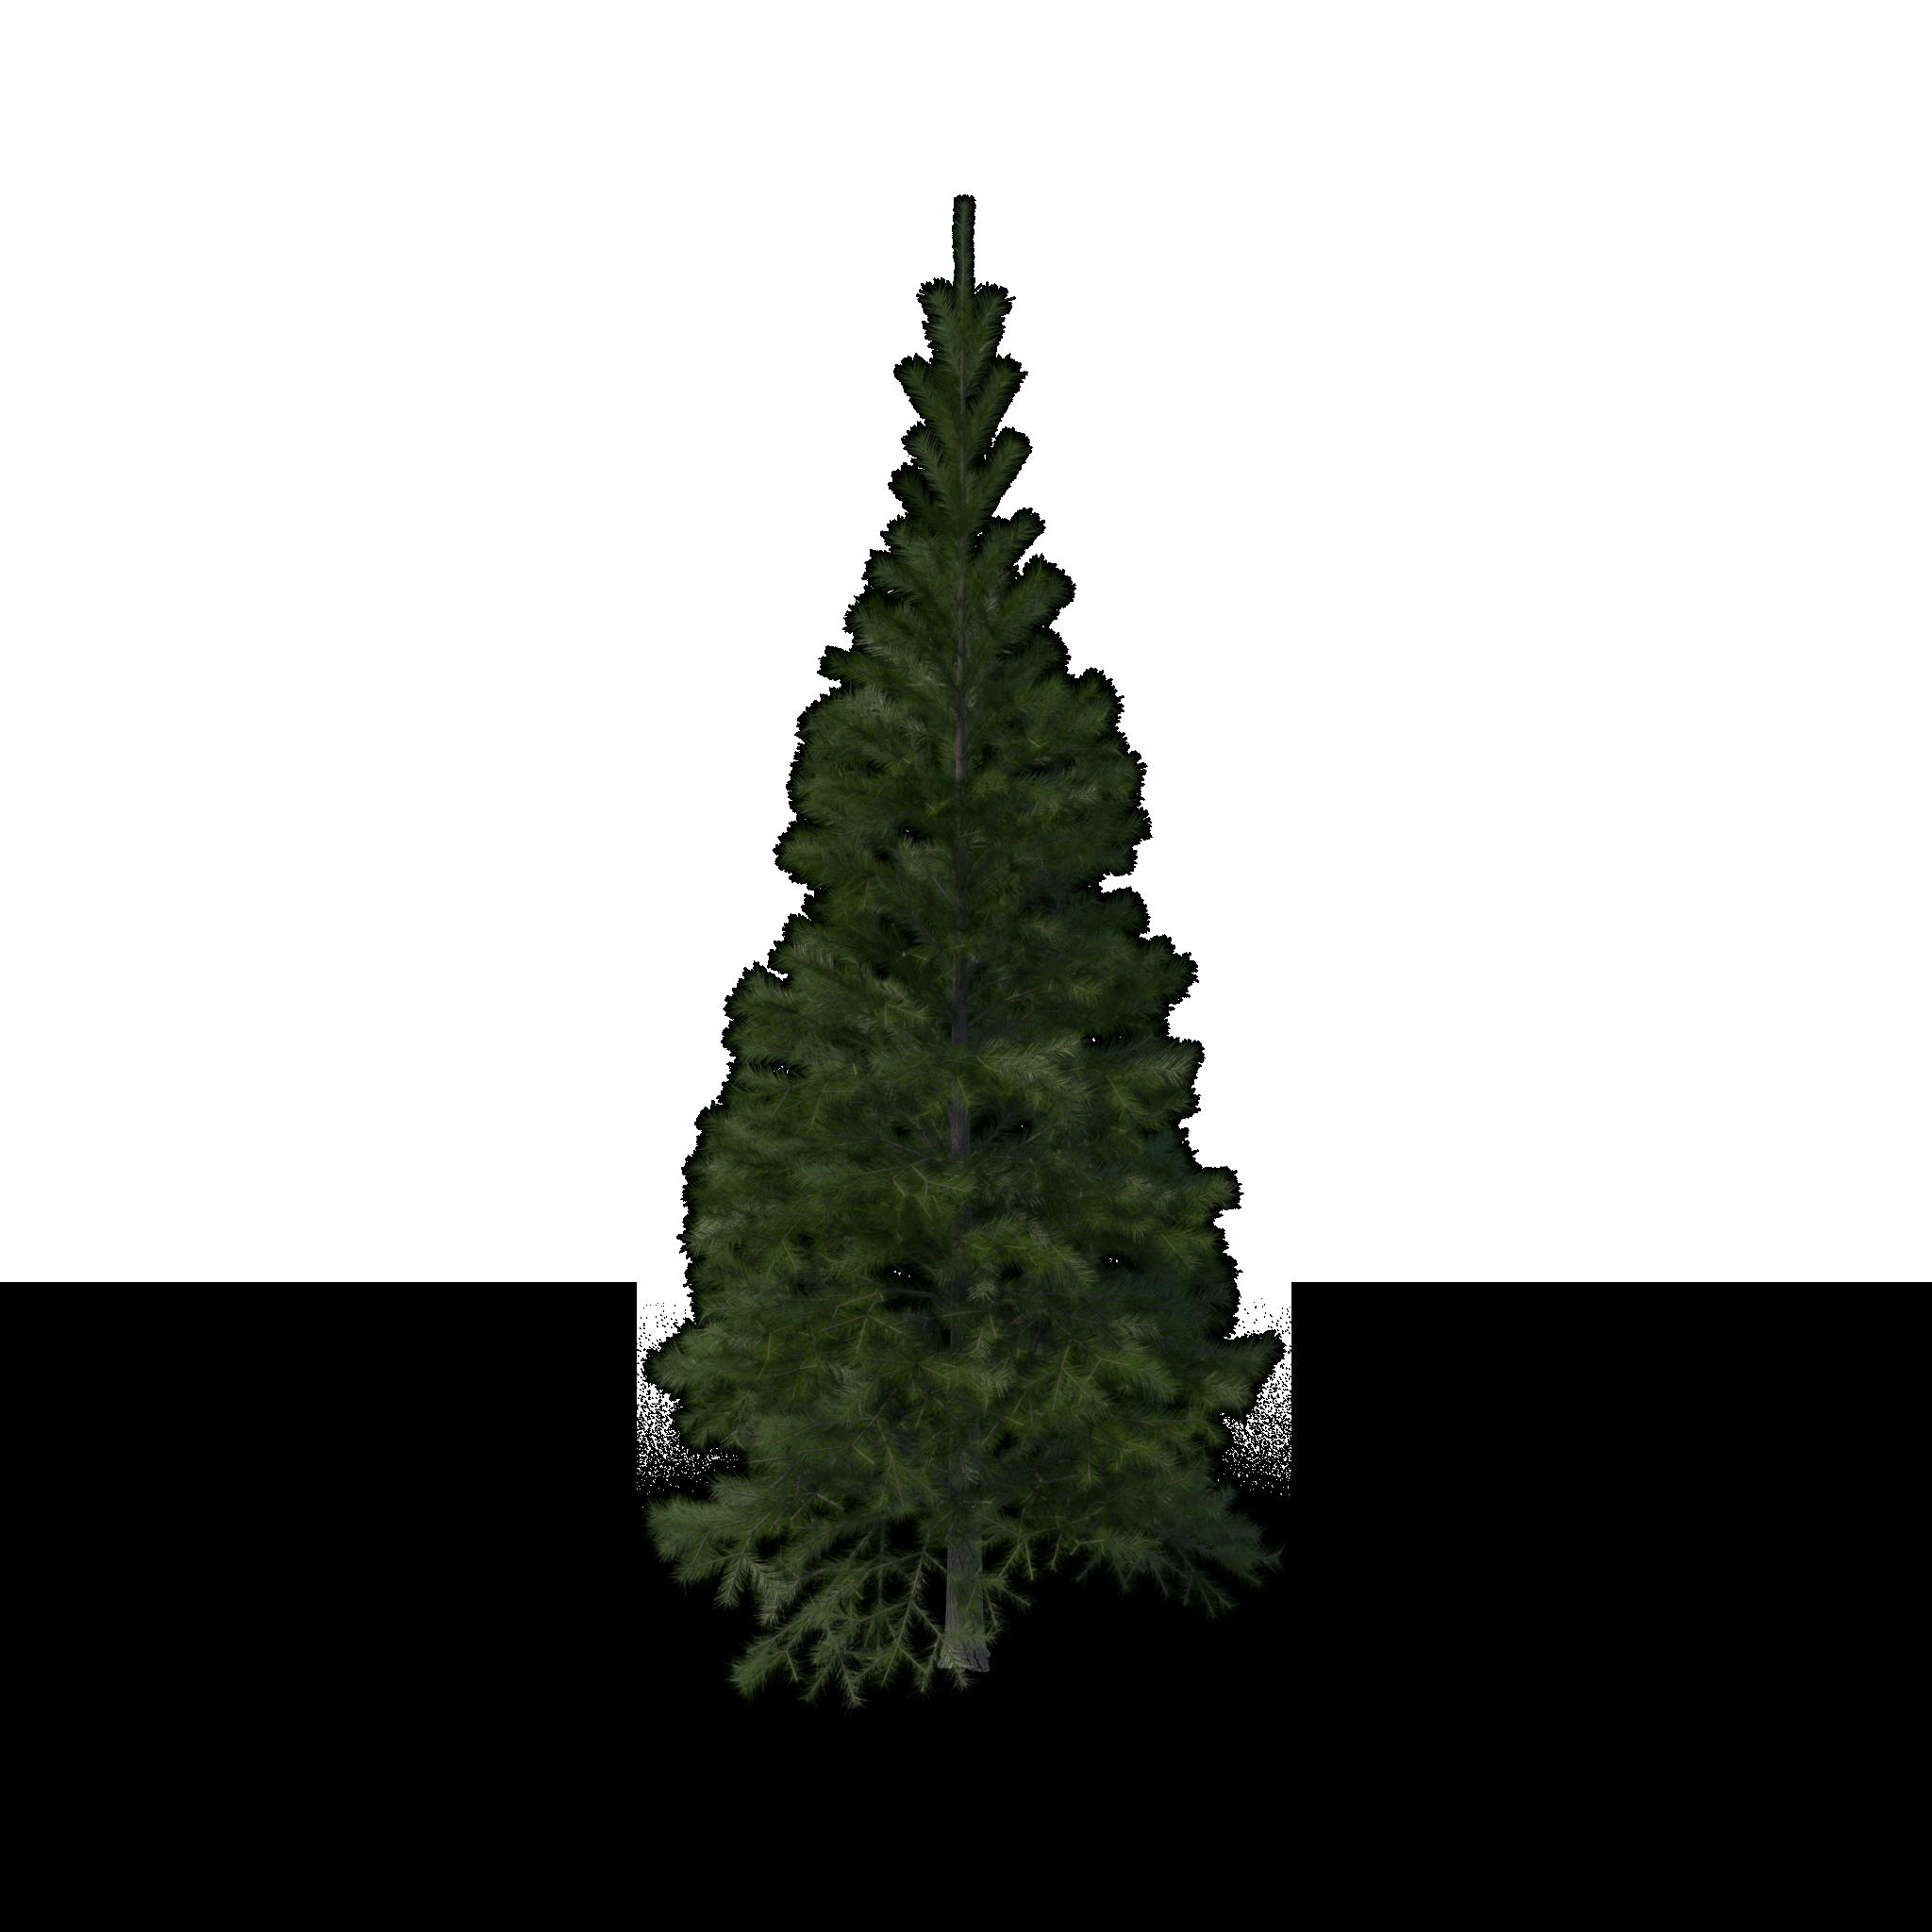 Evergreen-tree-removal-company